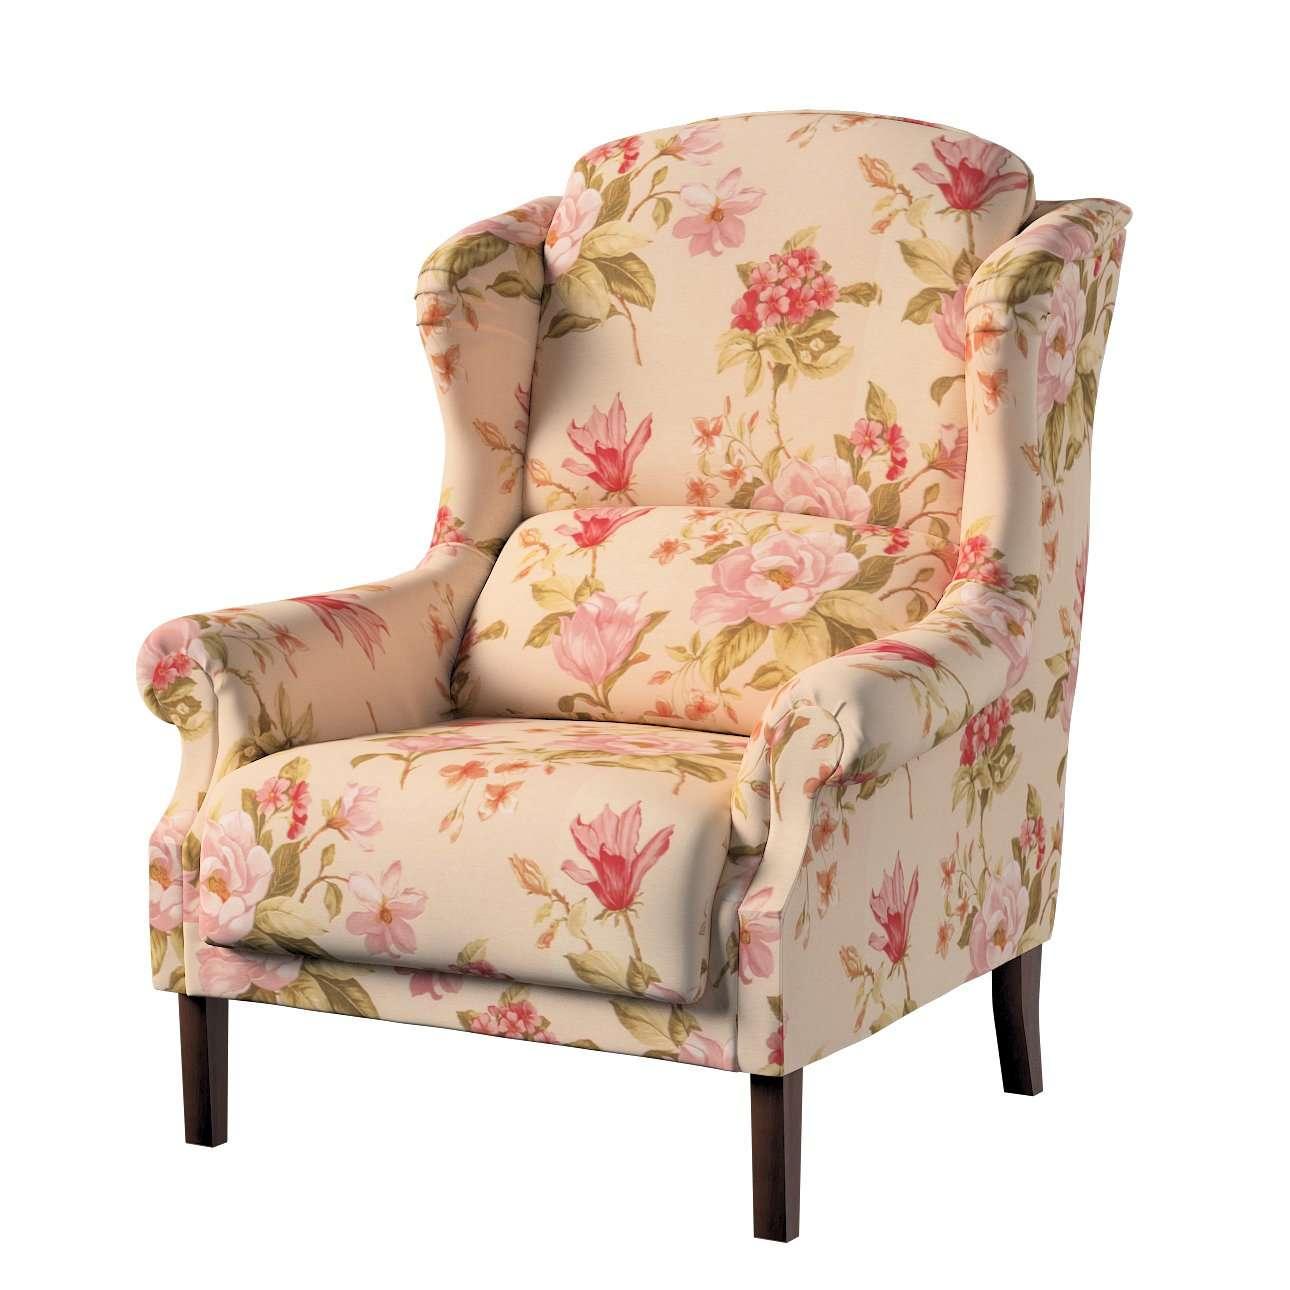 Sessel 63 x 115 cm von der Kollektion Londres, Stoff: 123-05